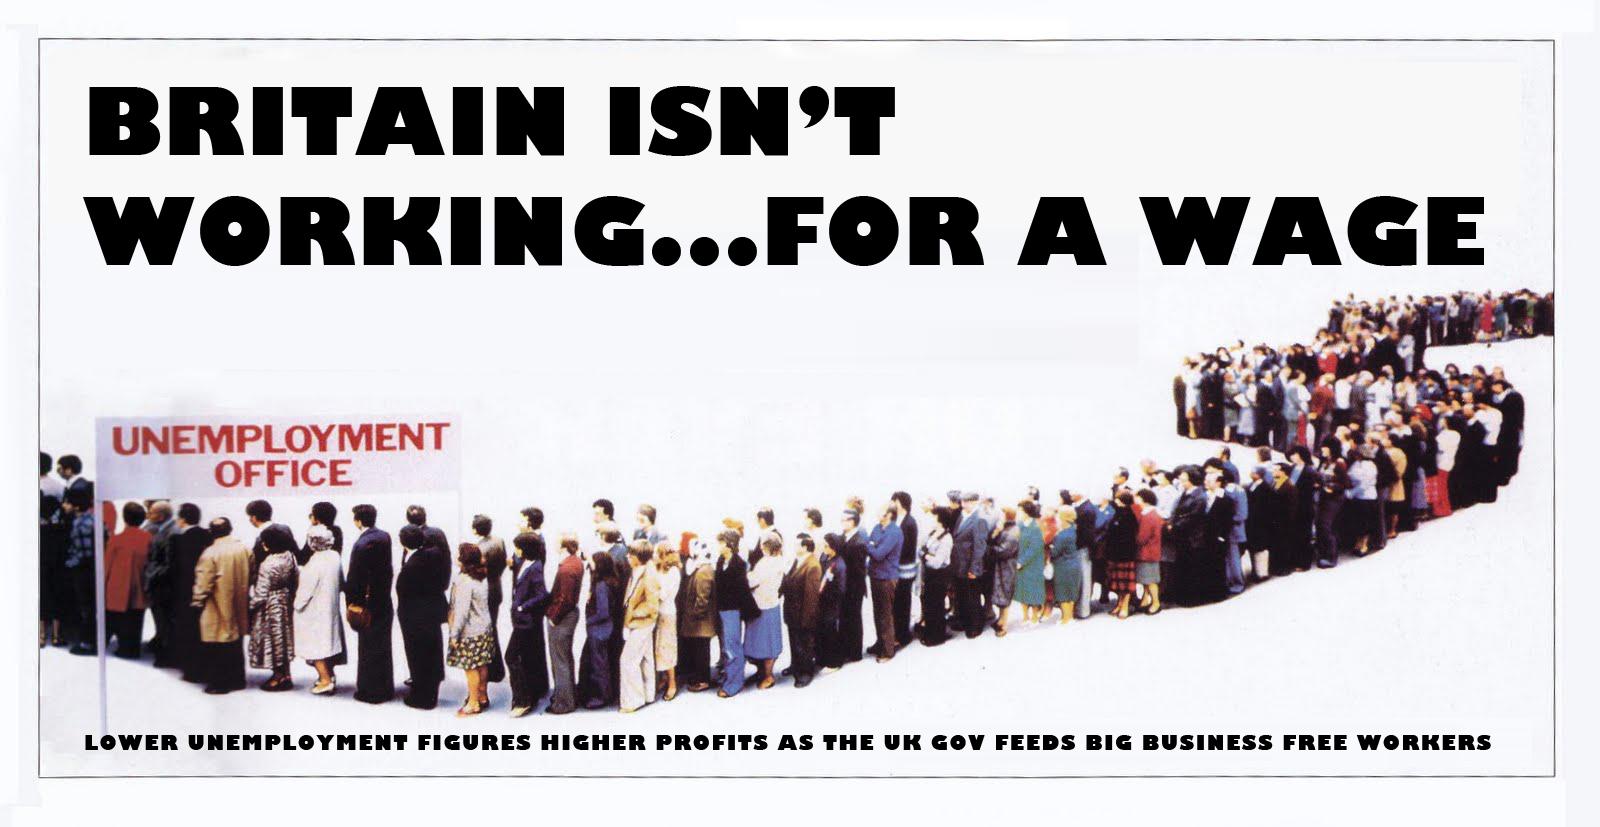 Φωτογραφία Scriptonite Daily. Η στρατηγική για τη γιγάντωση των κερδών των λίγων είναι ίδια, και όχι μόνο στην Ελλάδα της κρίσης.